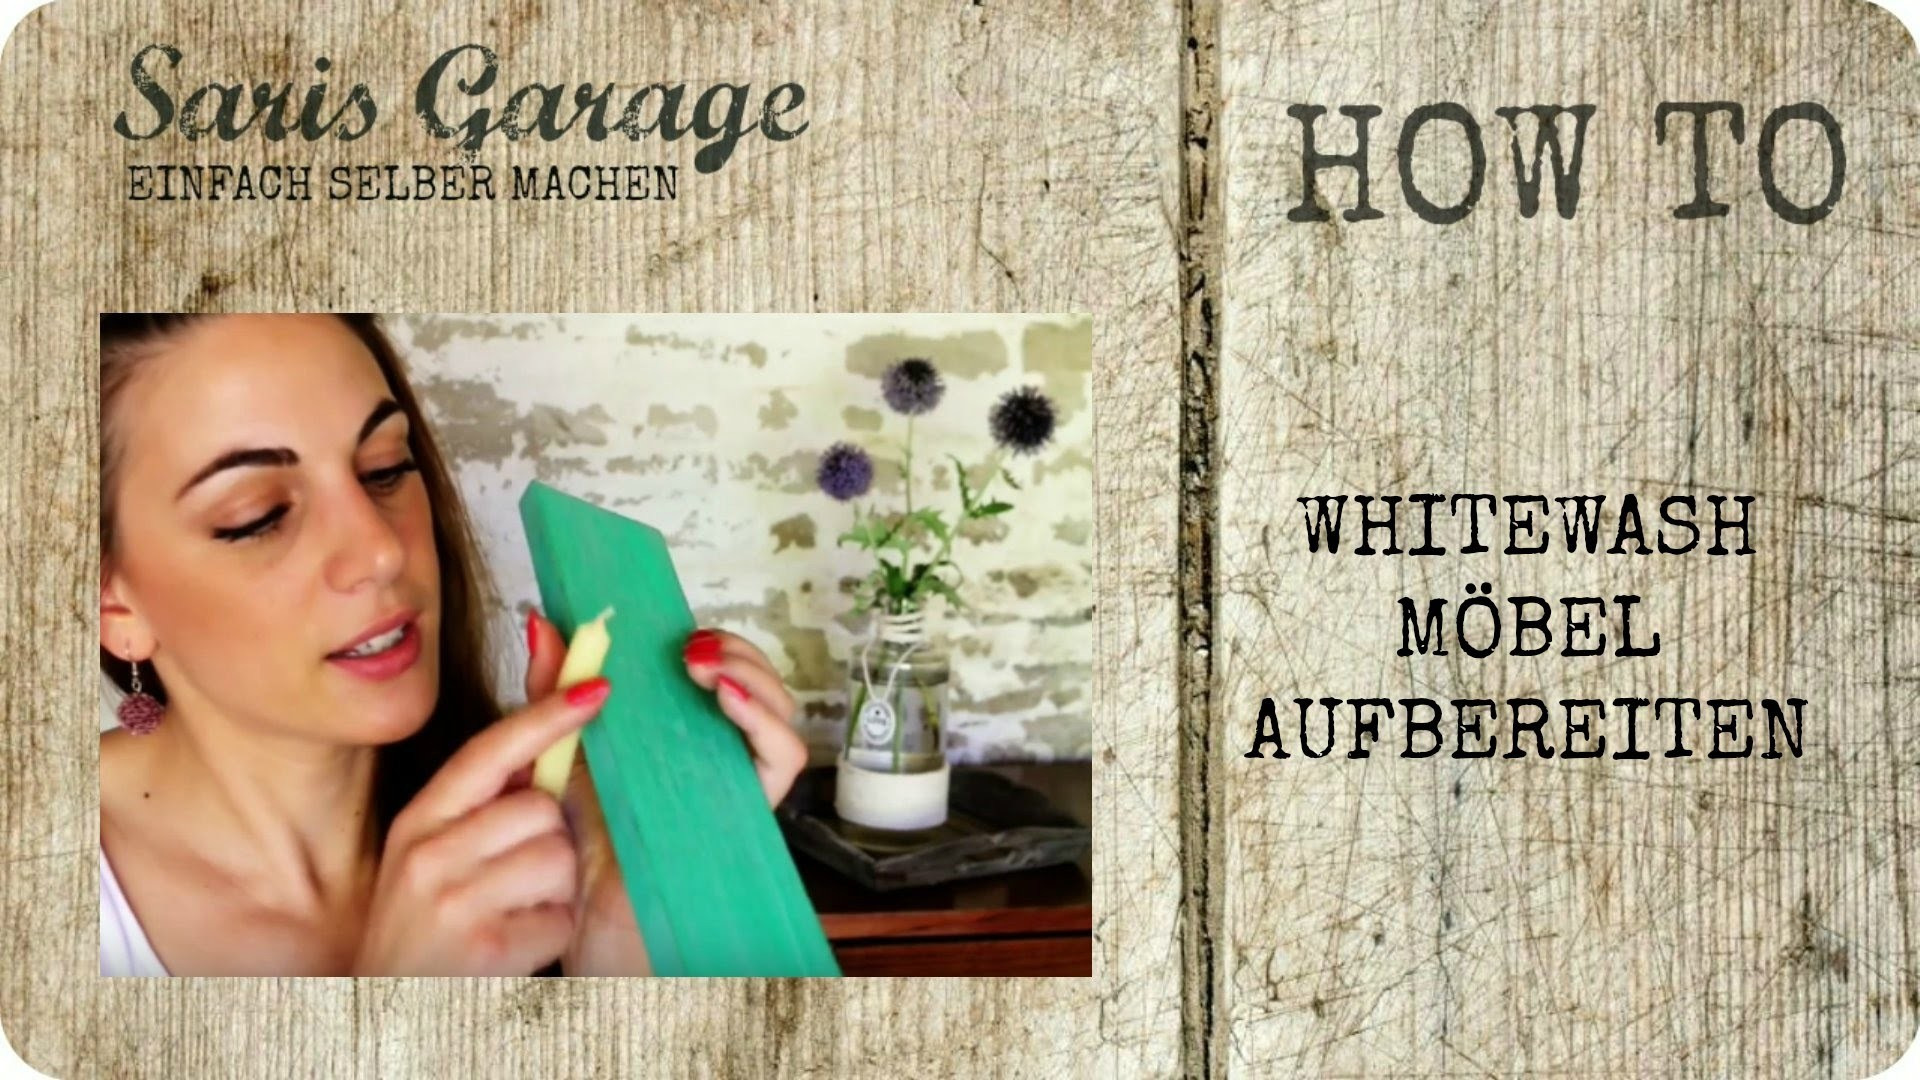 Whitewash | Möbel aufbereiten | DIY | Upcycling | How to | SARIS GARAGE